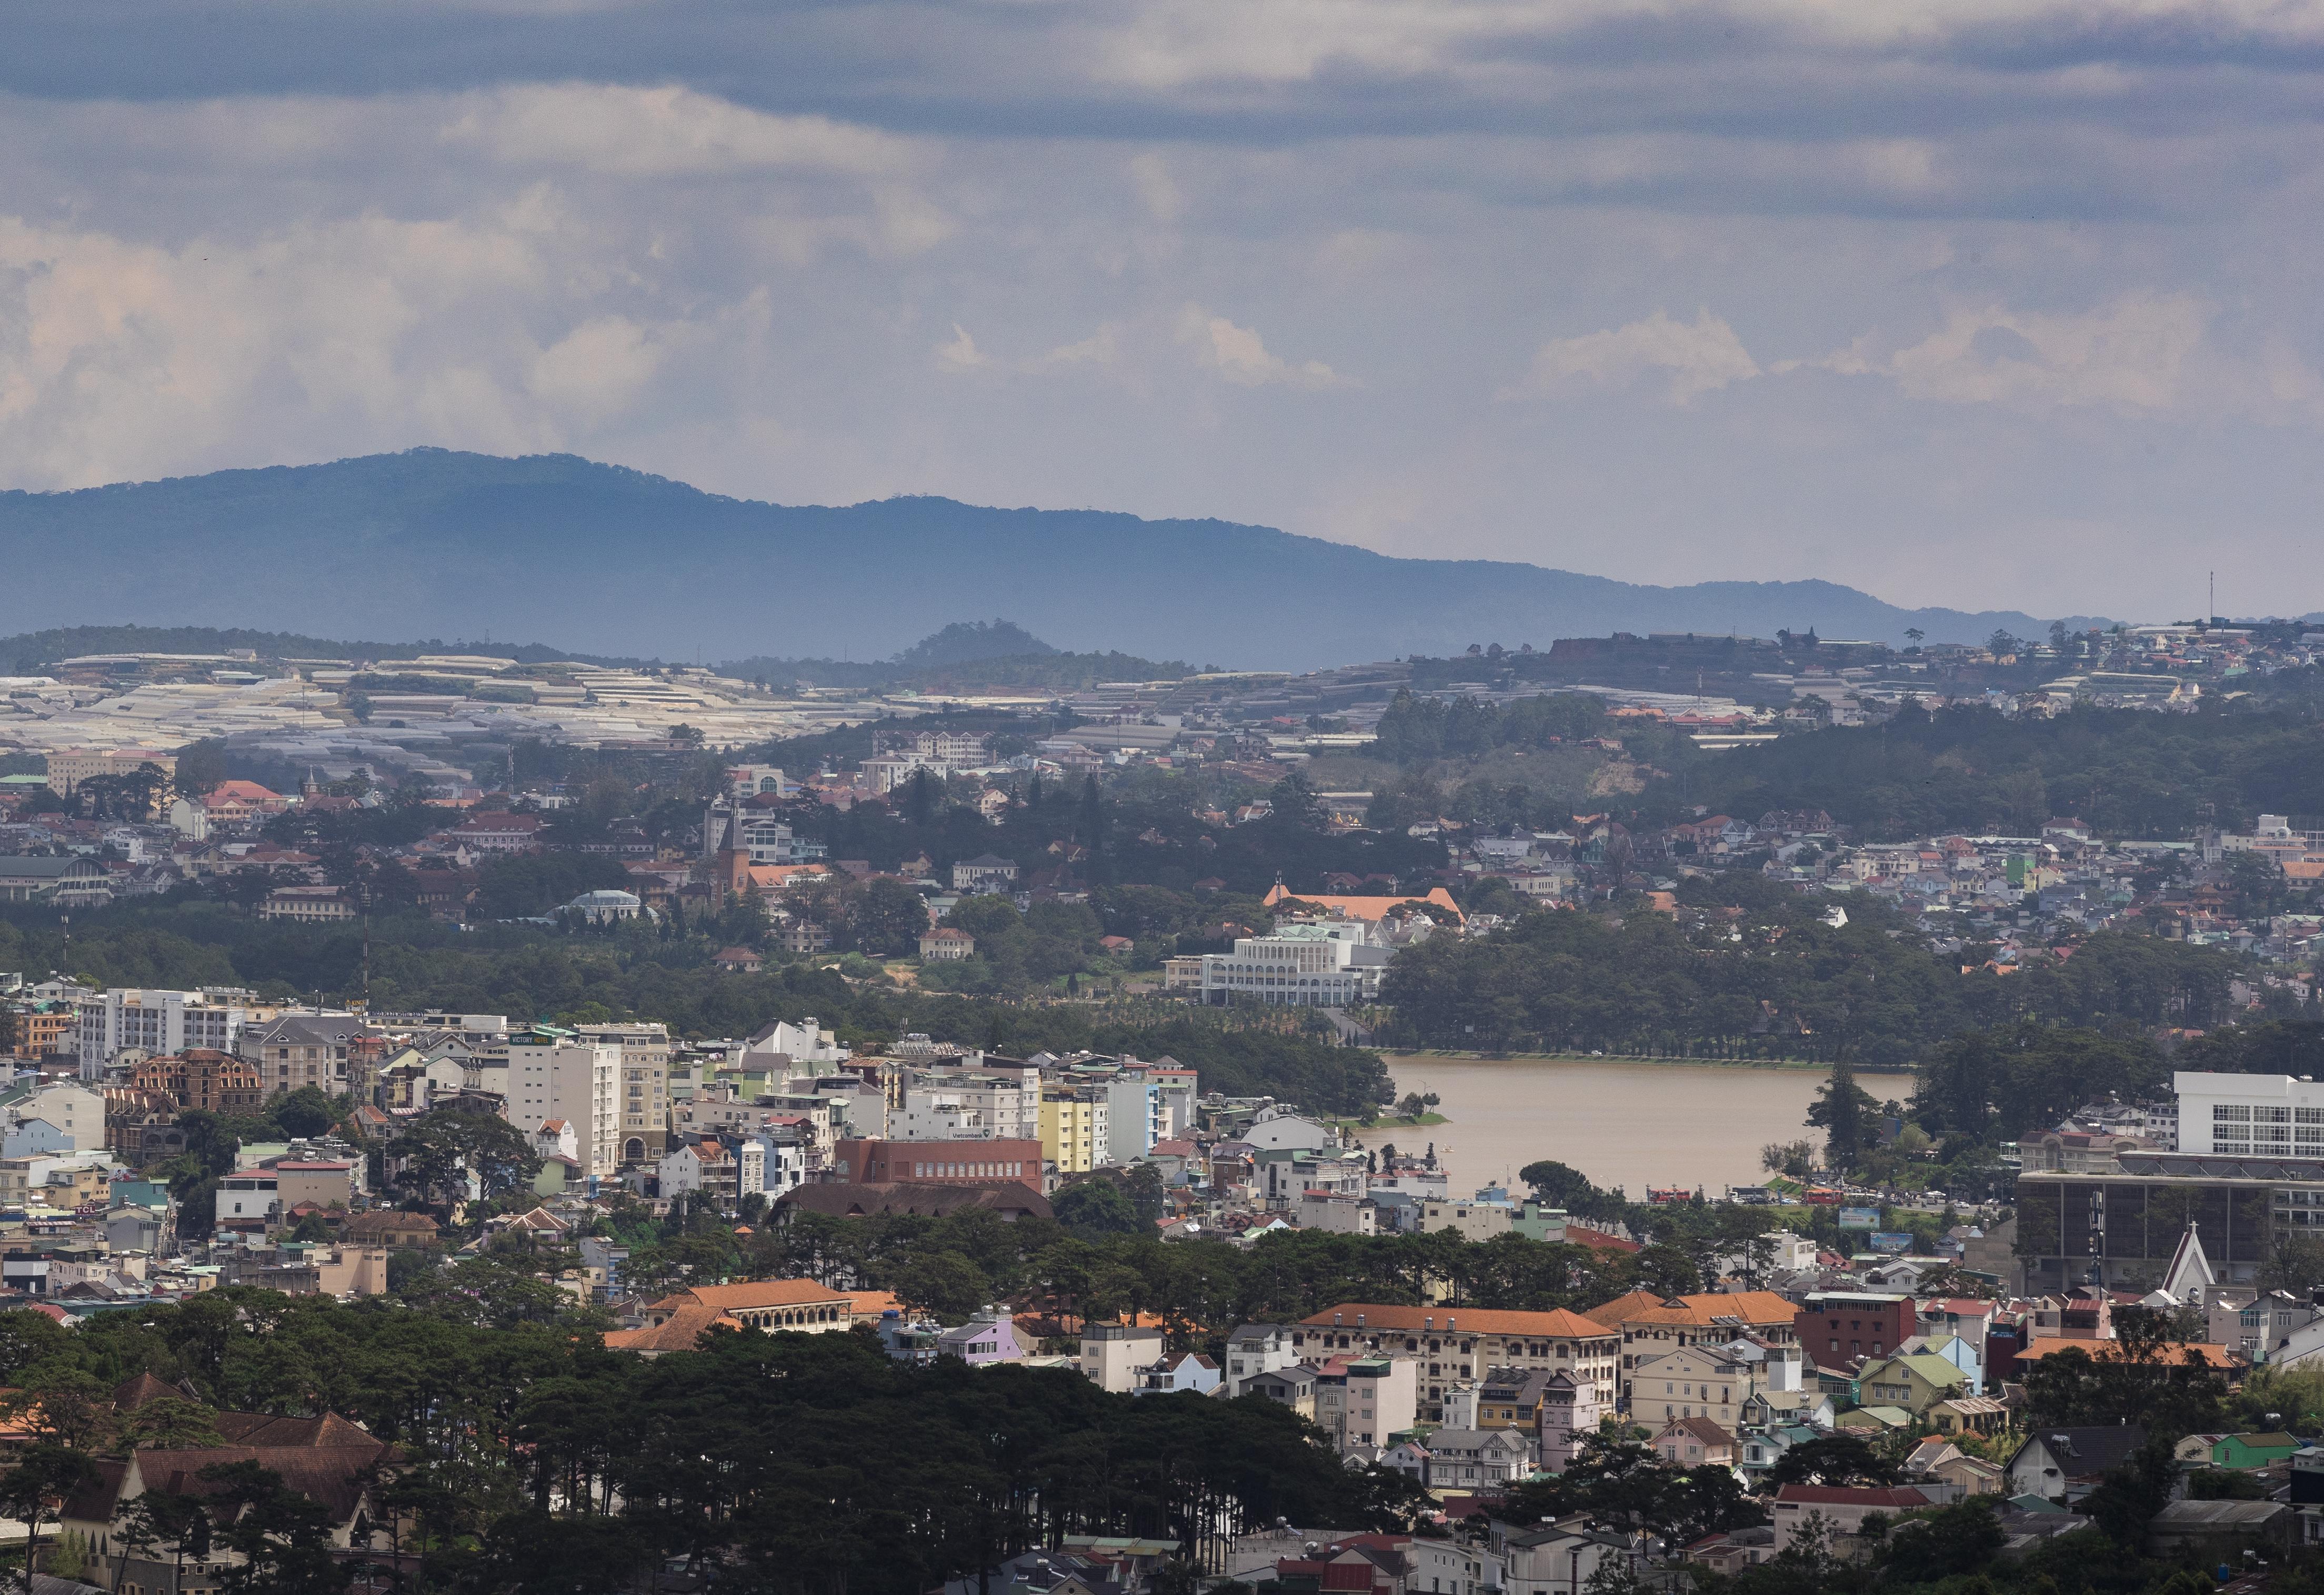 Phototour tháng 12 | Về thành phố sương – Đà Lạt (14 – 16/12/2018)